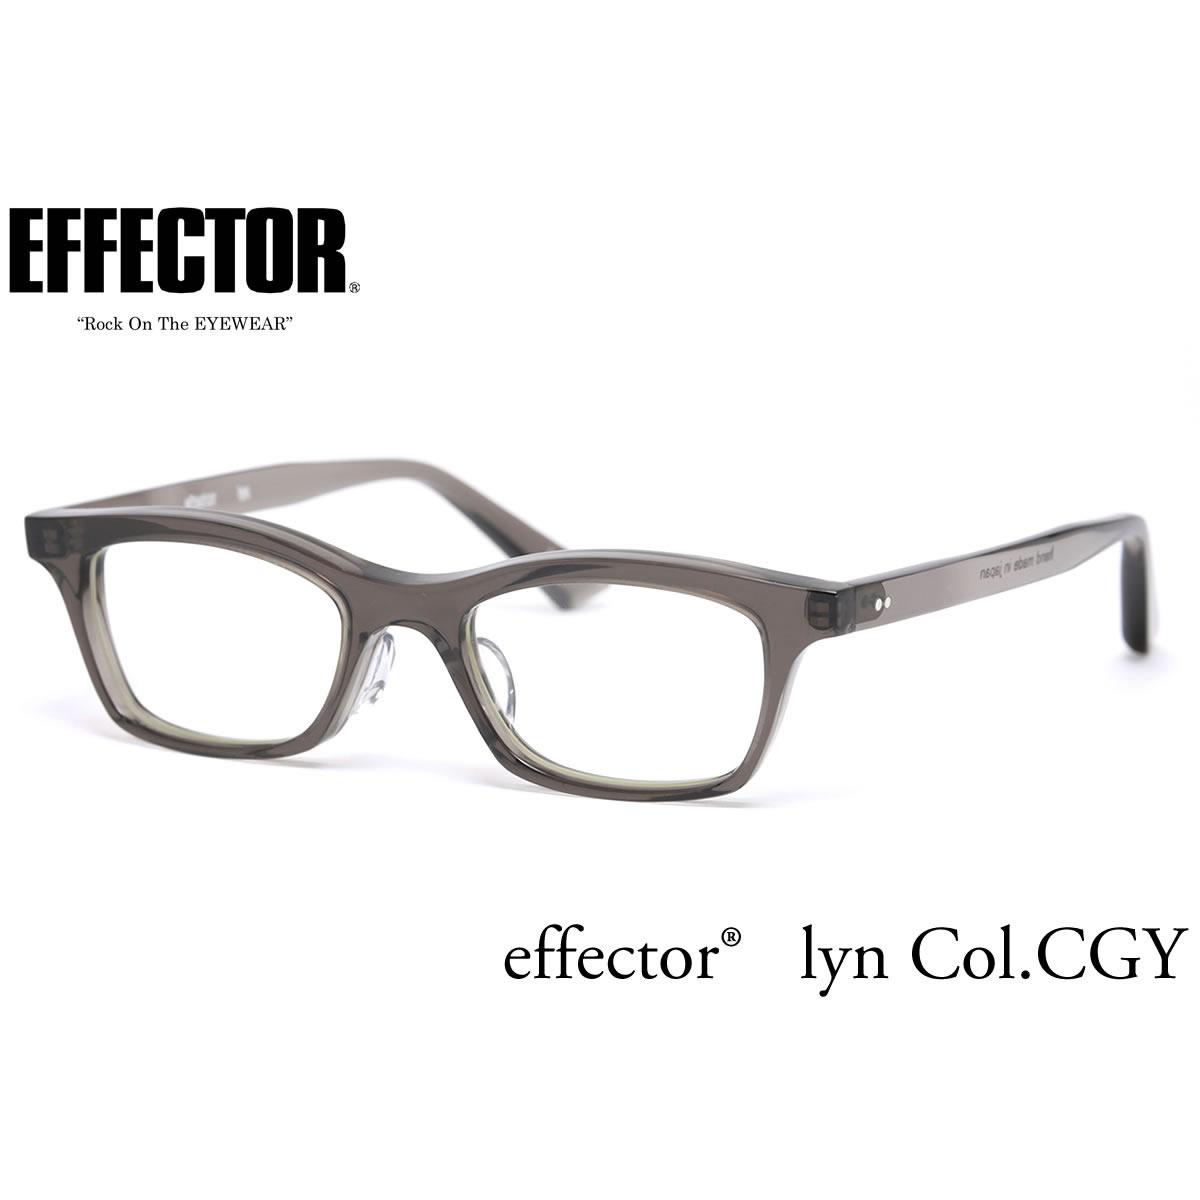 ほぼ全品ポイント15倍~20倍+15倍+2倍 【effector】エフェクター 眼鏡 メガネ フレーム LYN CGY/S 47サイズ エフェクター effector リン UVカット仕様伊達メガネレンズ付 日本製 セルロイド レディース メンズ